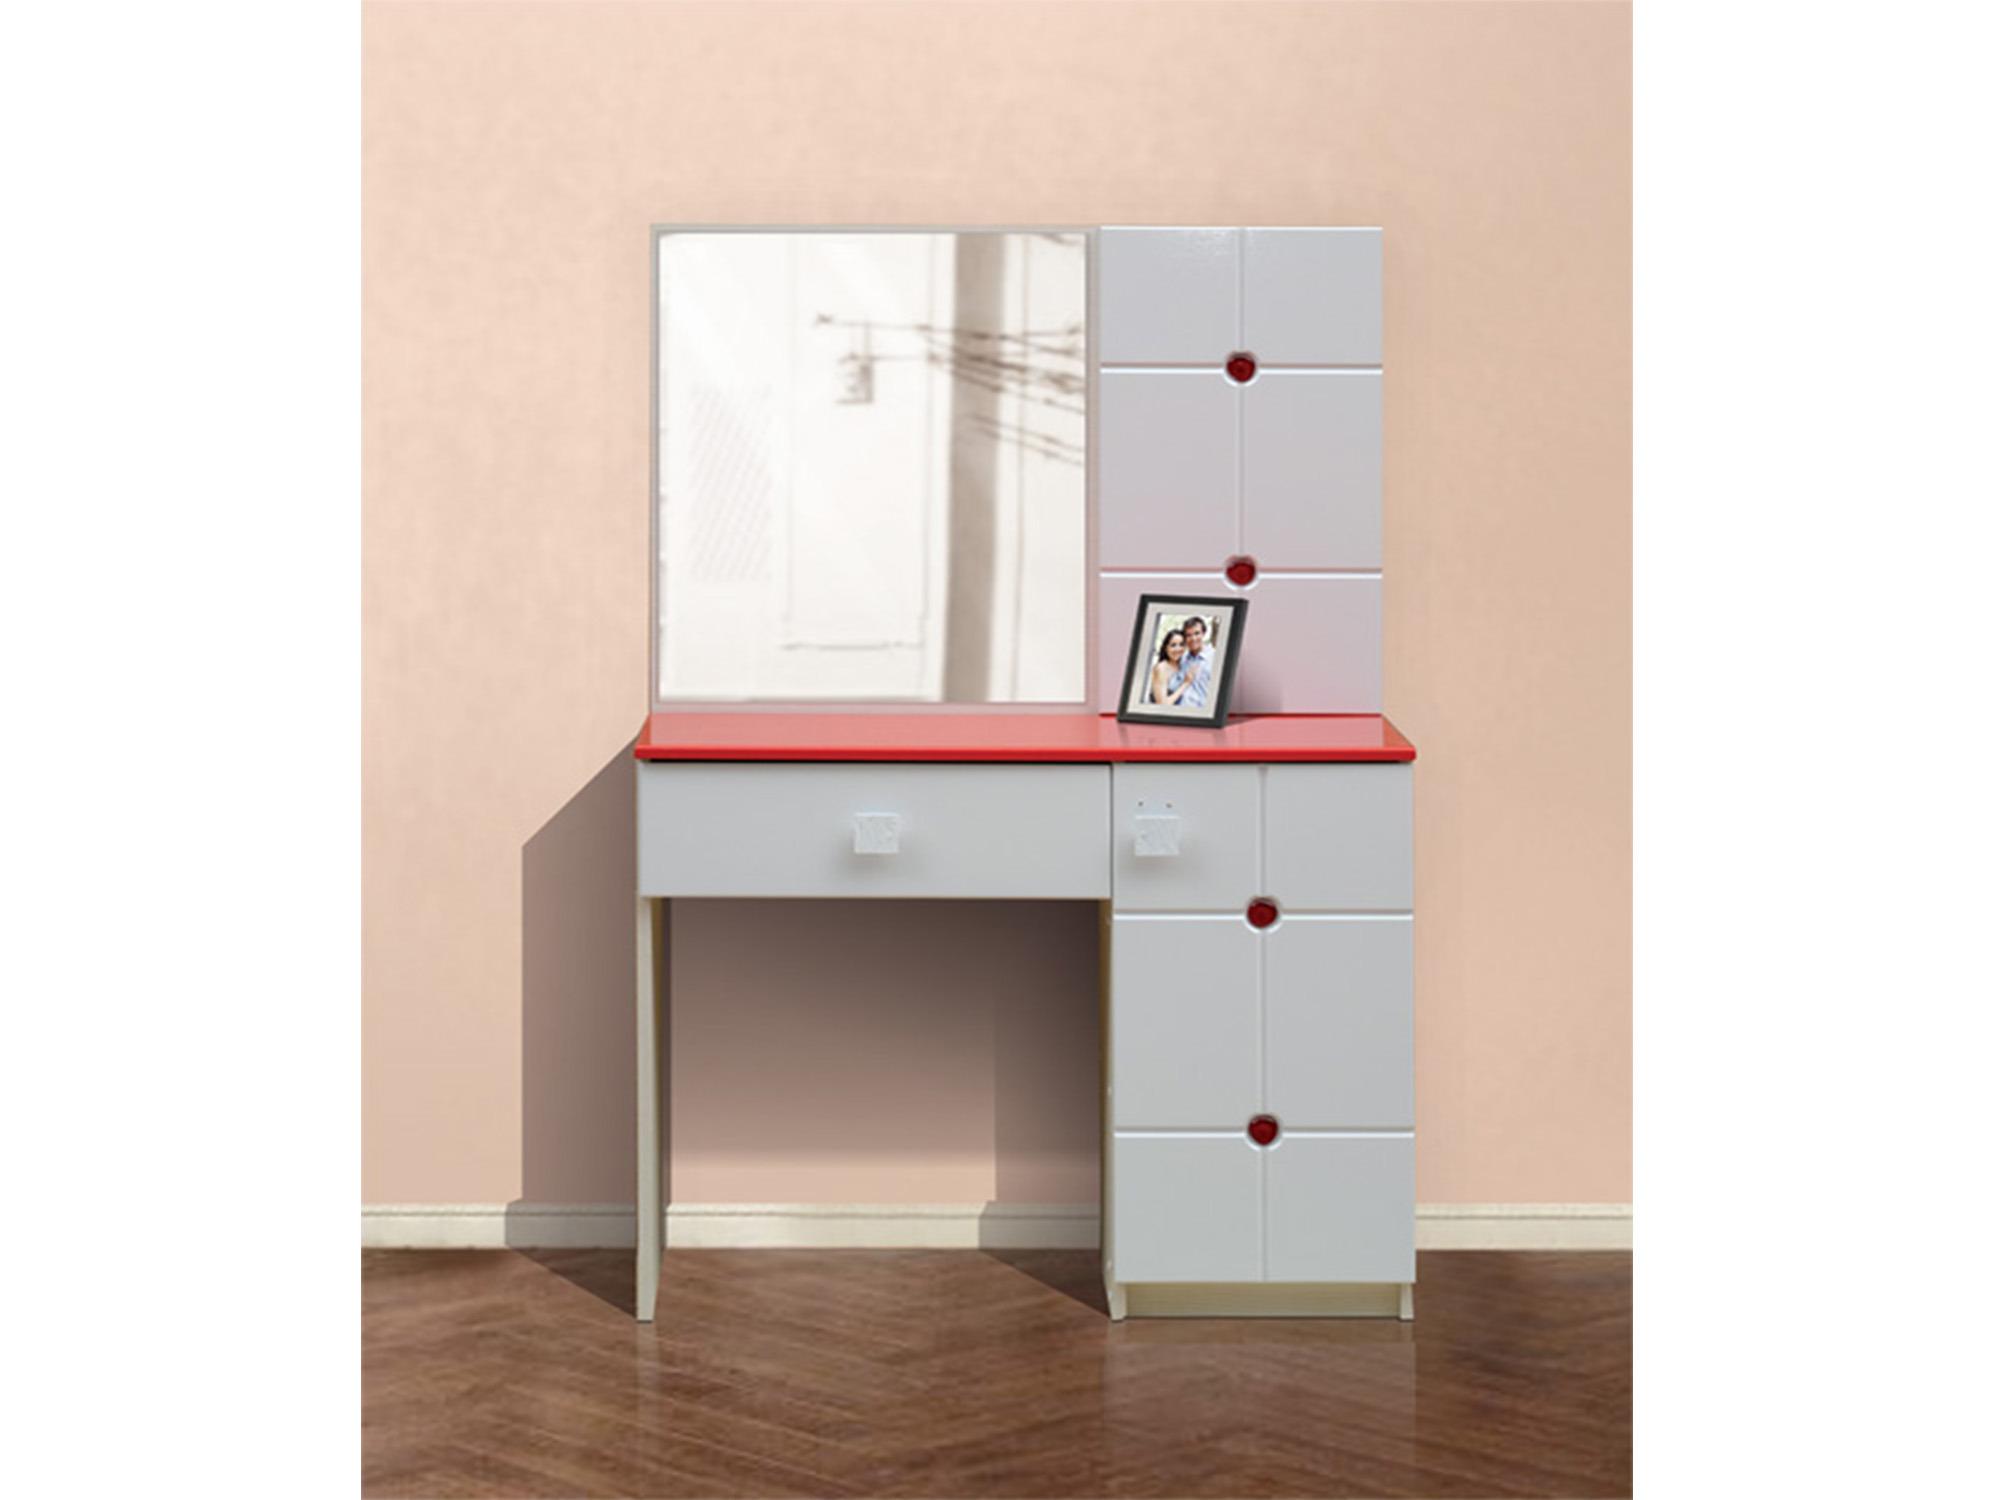 Стол туалетный Лицей-1Туалетные столики<br><br><br>Длина мм: 905<br>Высота мм: 1390<br>Глубина мм: 450